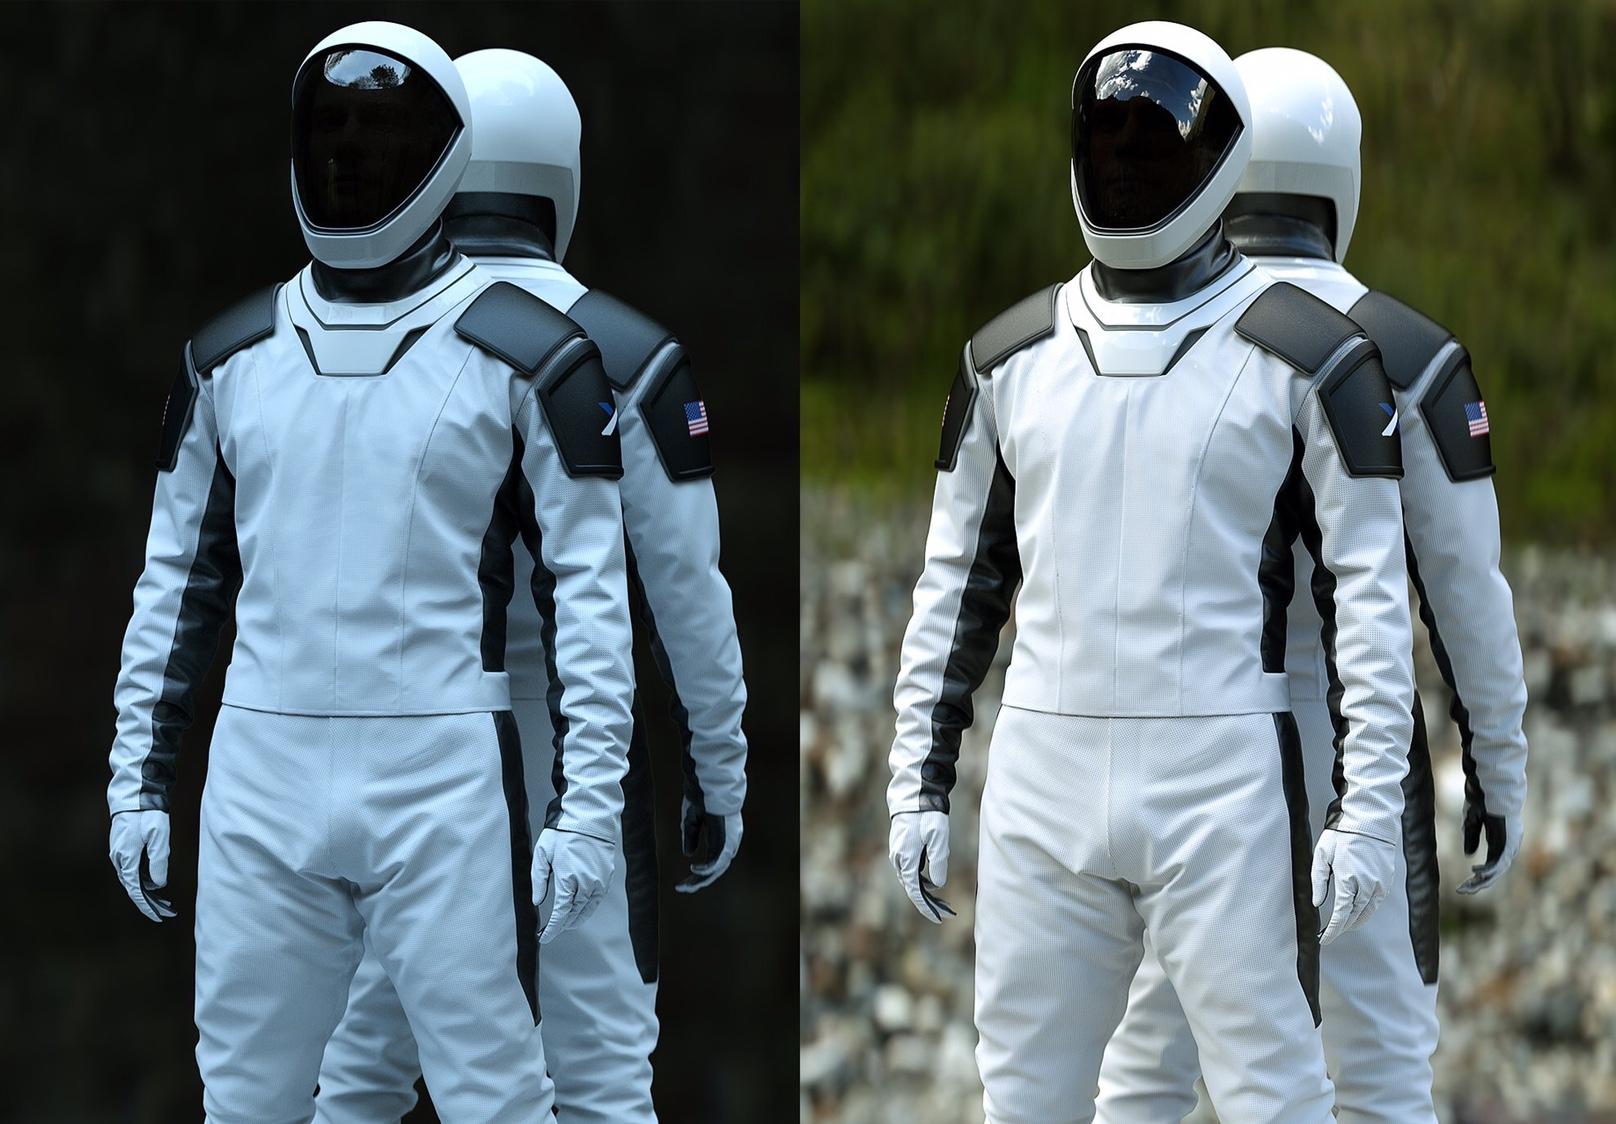 Spacex Suit Kremlinology